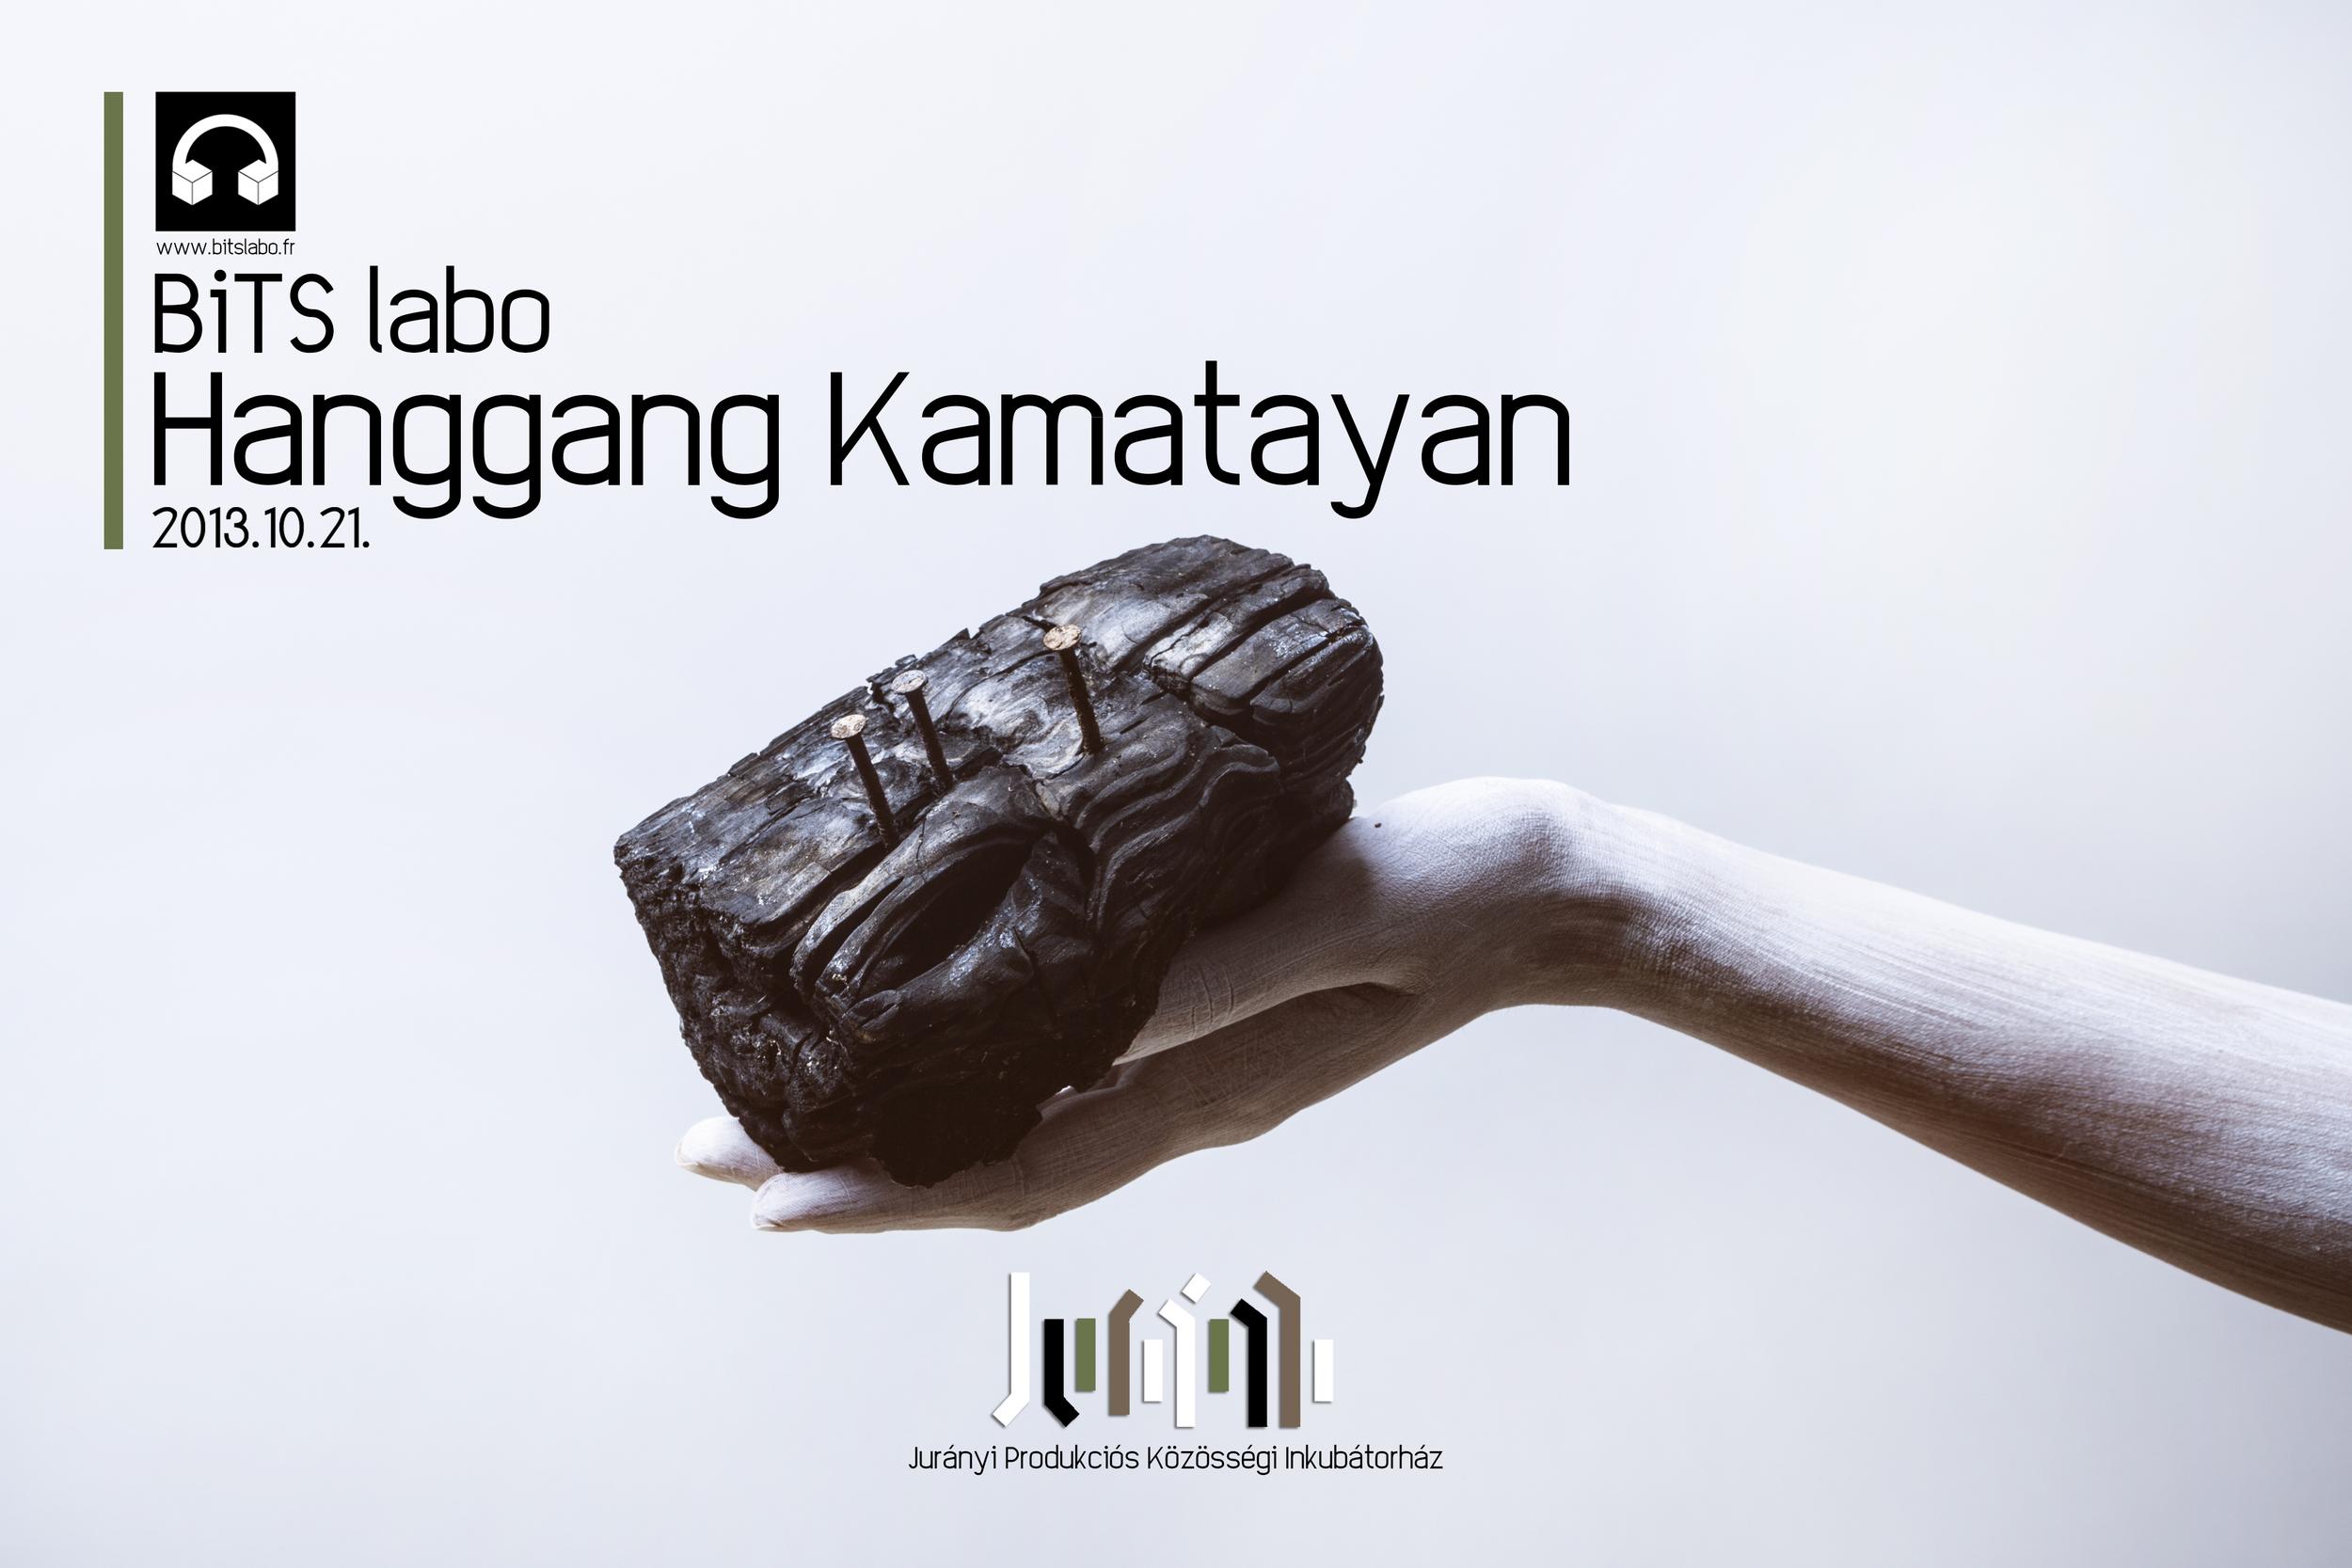 BiTS labo_Hanggang Kamatayan_03.jpg